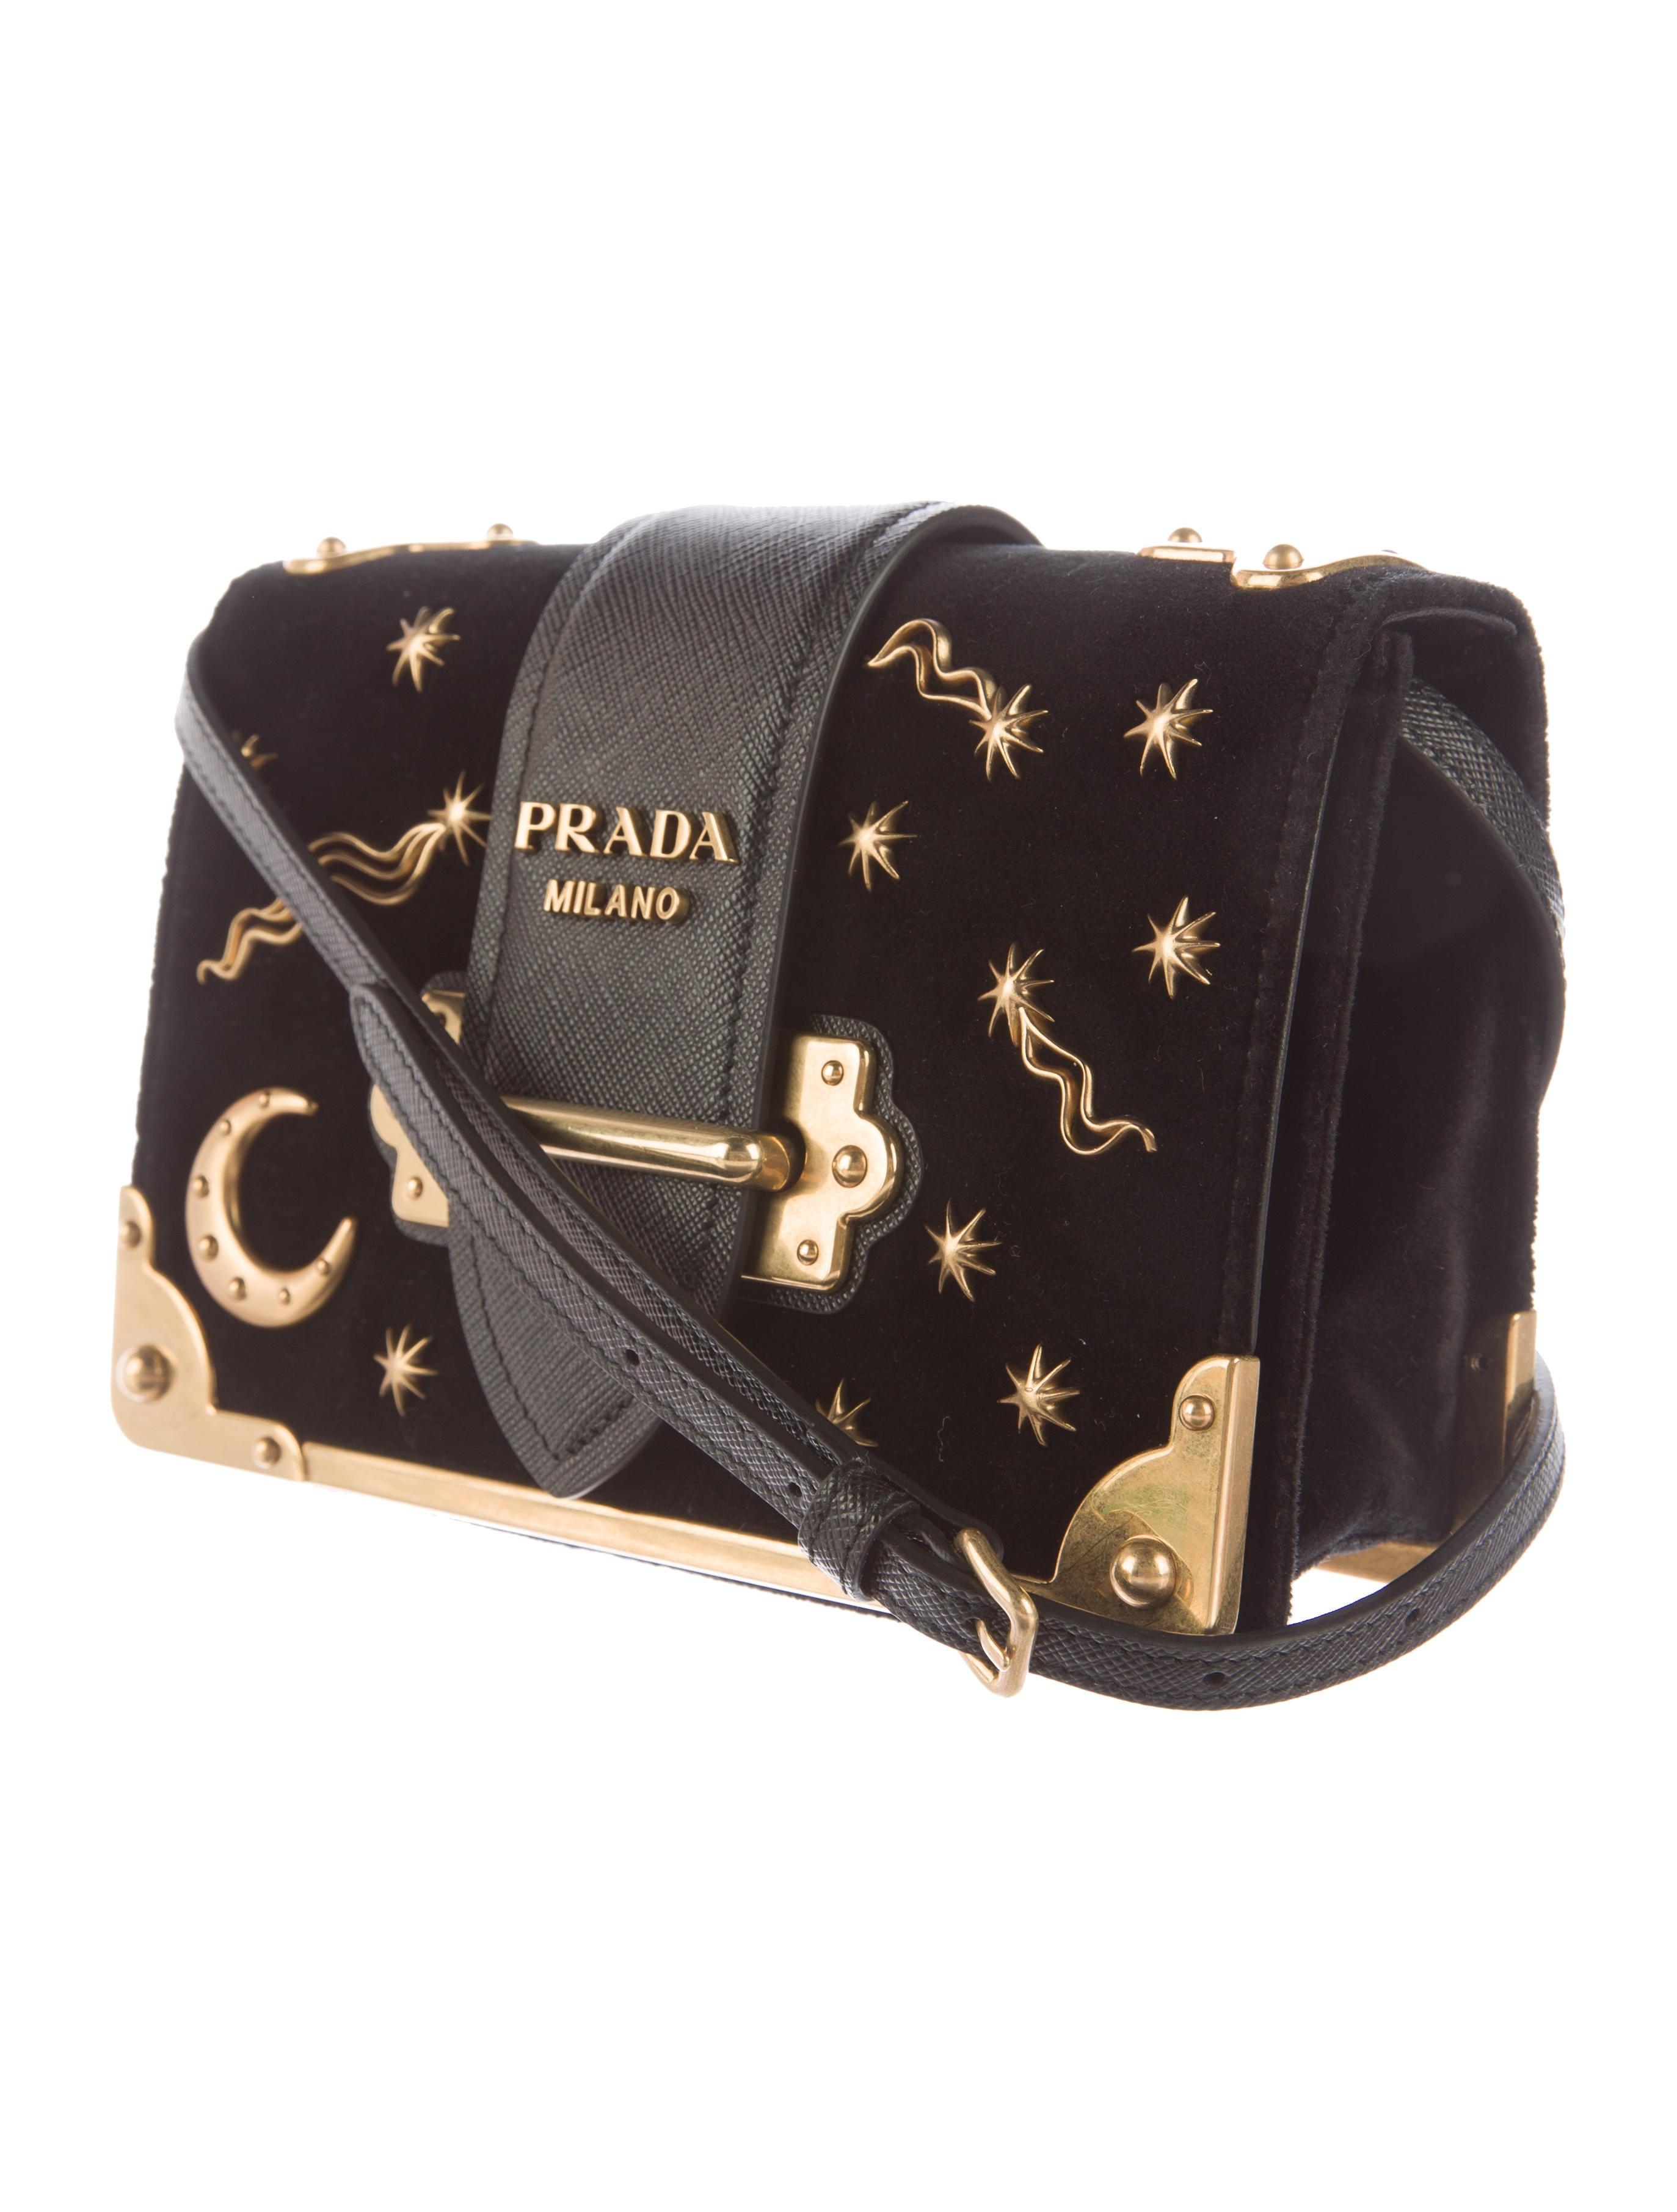 Prada Bag Velvet